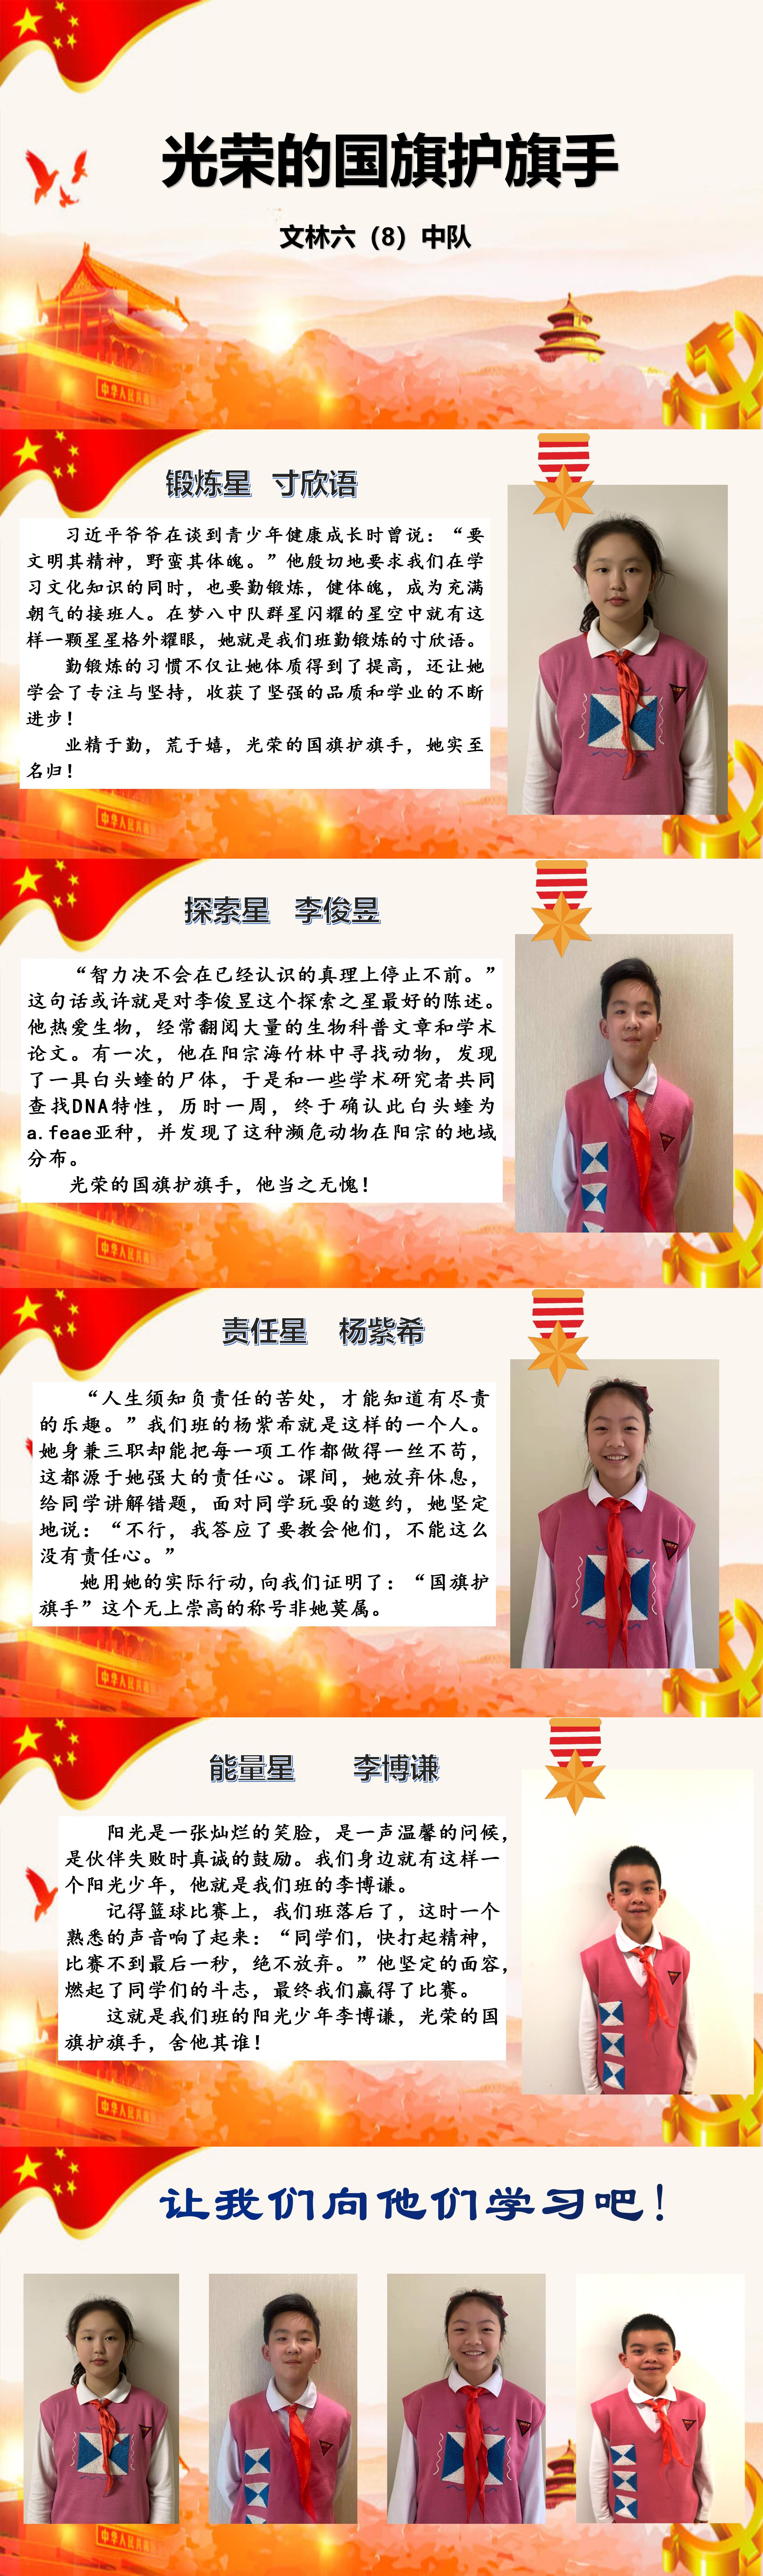 六(8)班国旗护旗手.20210427精简版.png